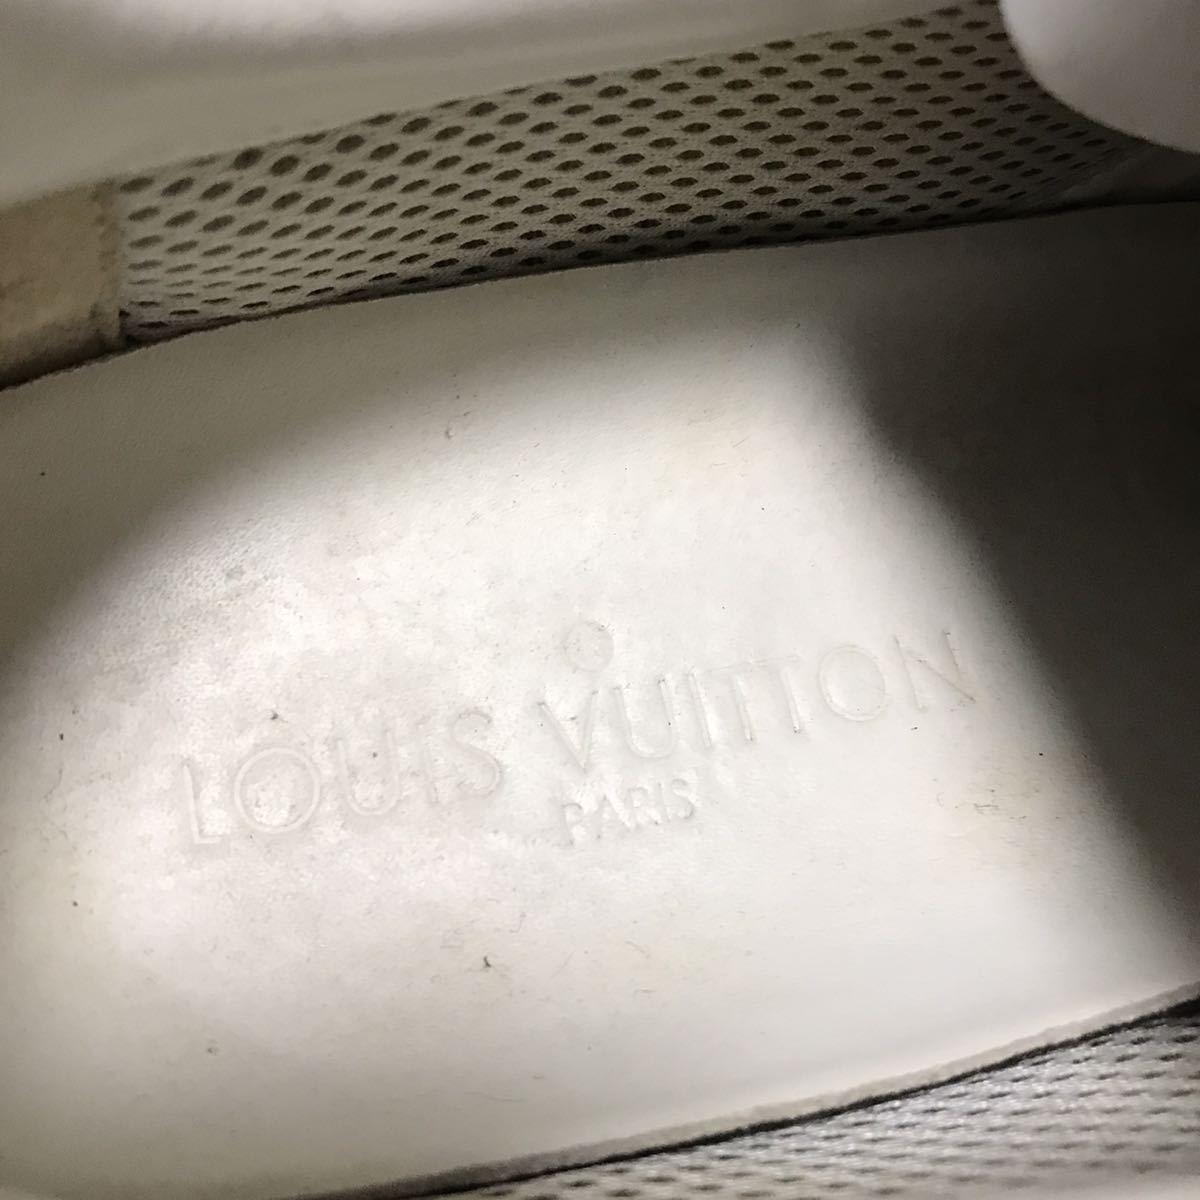 【ルイヴィトン】本物 LOUIS VUITTON 靴 25.5cm 黒 ダミエライン ファストレーン スニーカー カジュアルシューズ レザー×PVC メンズ 6 1/2_画像9